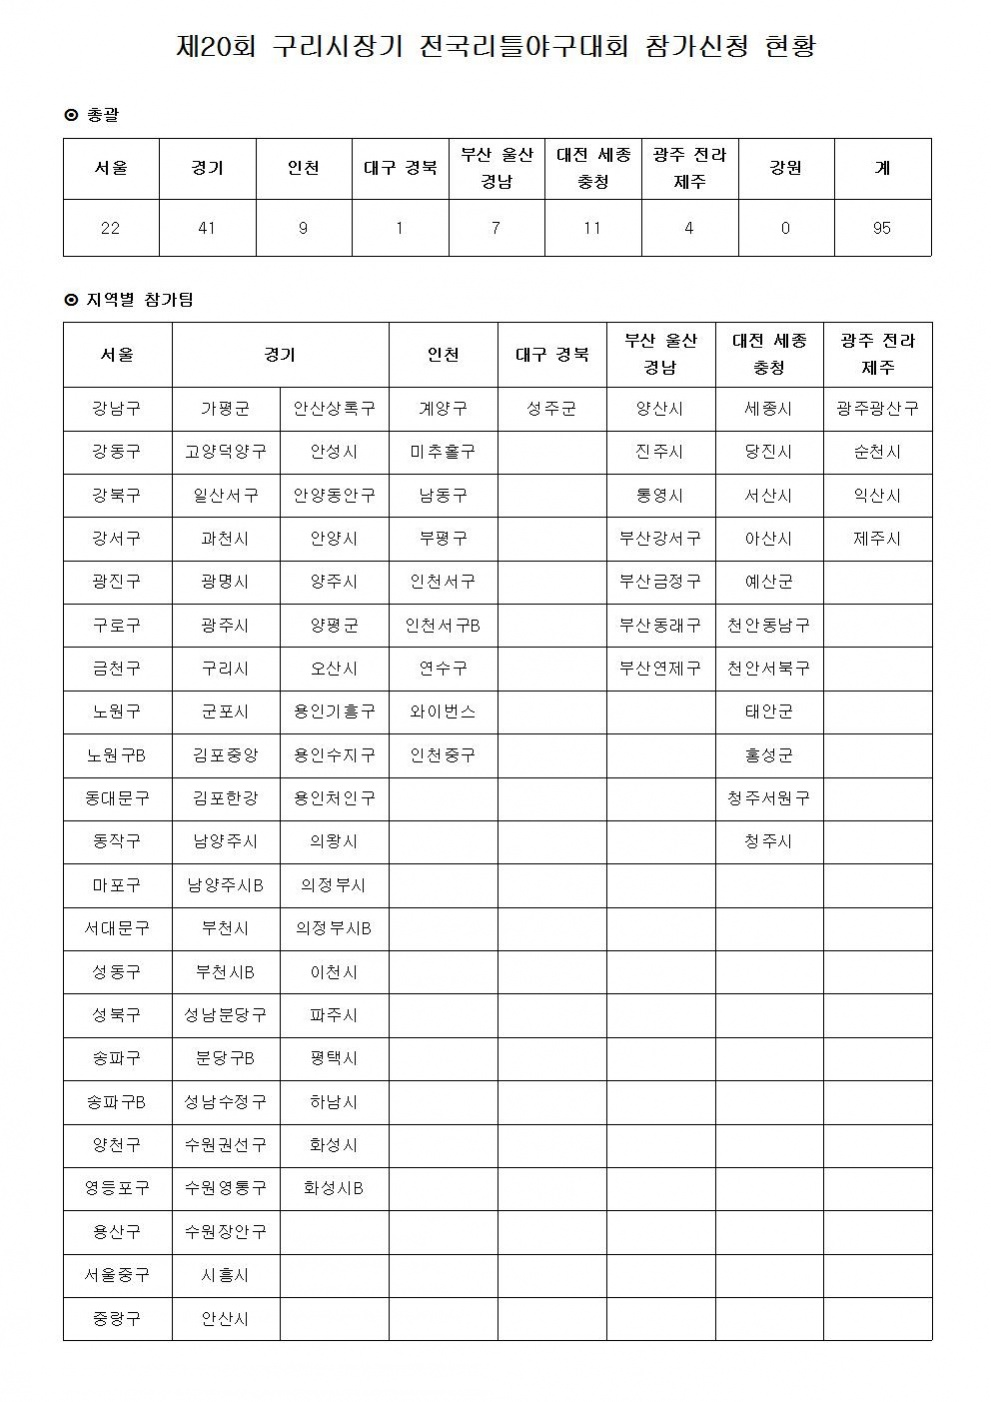 제20회 구리시장기 참가신청 현황001.jpg